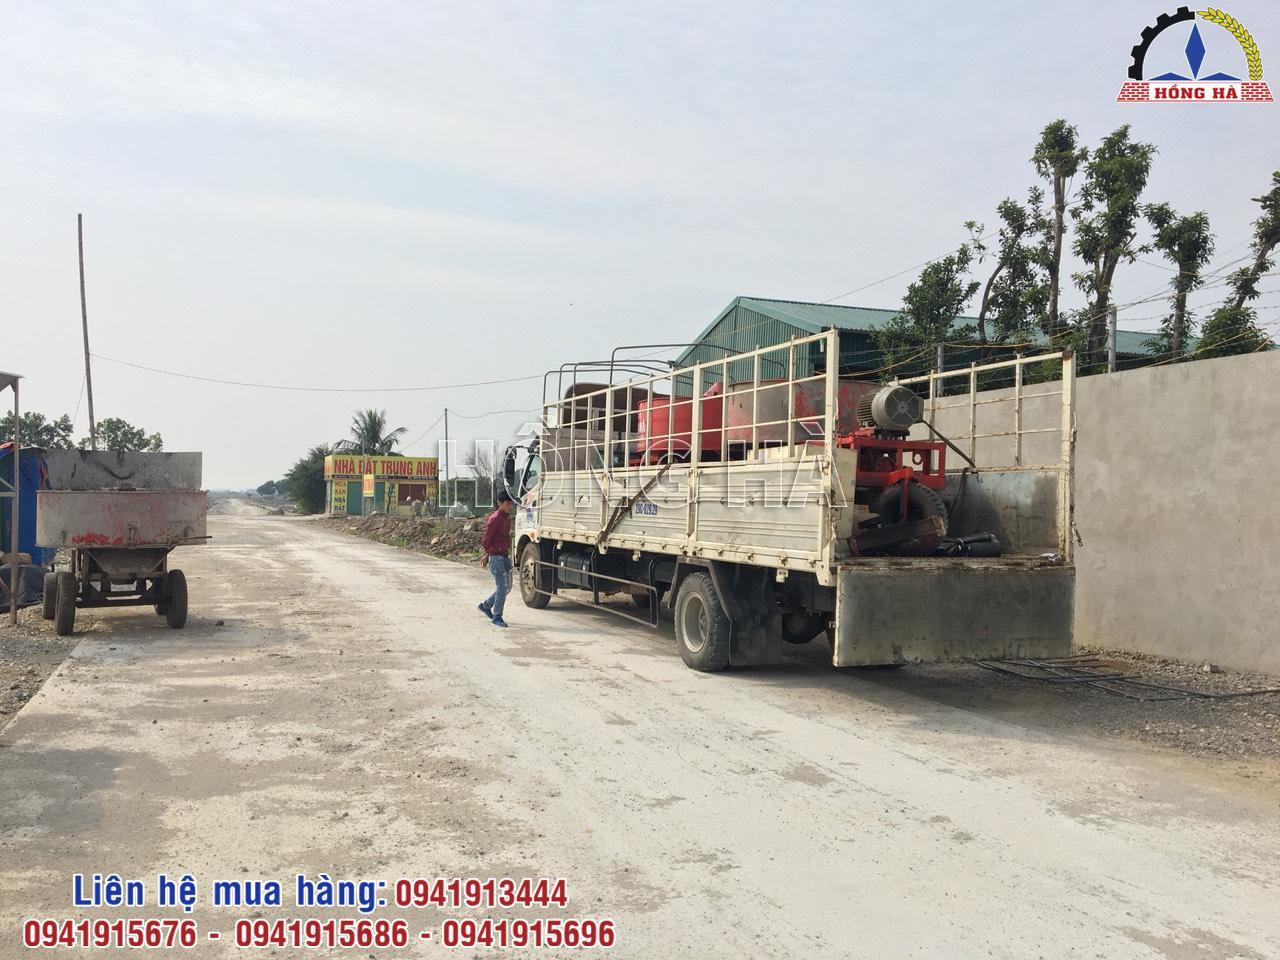 4 Khai xuân chuyến hàng đầu tiên với máy trộn bê tông cưỡng bức Hồng Hà đi Ninh Bình